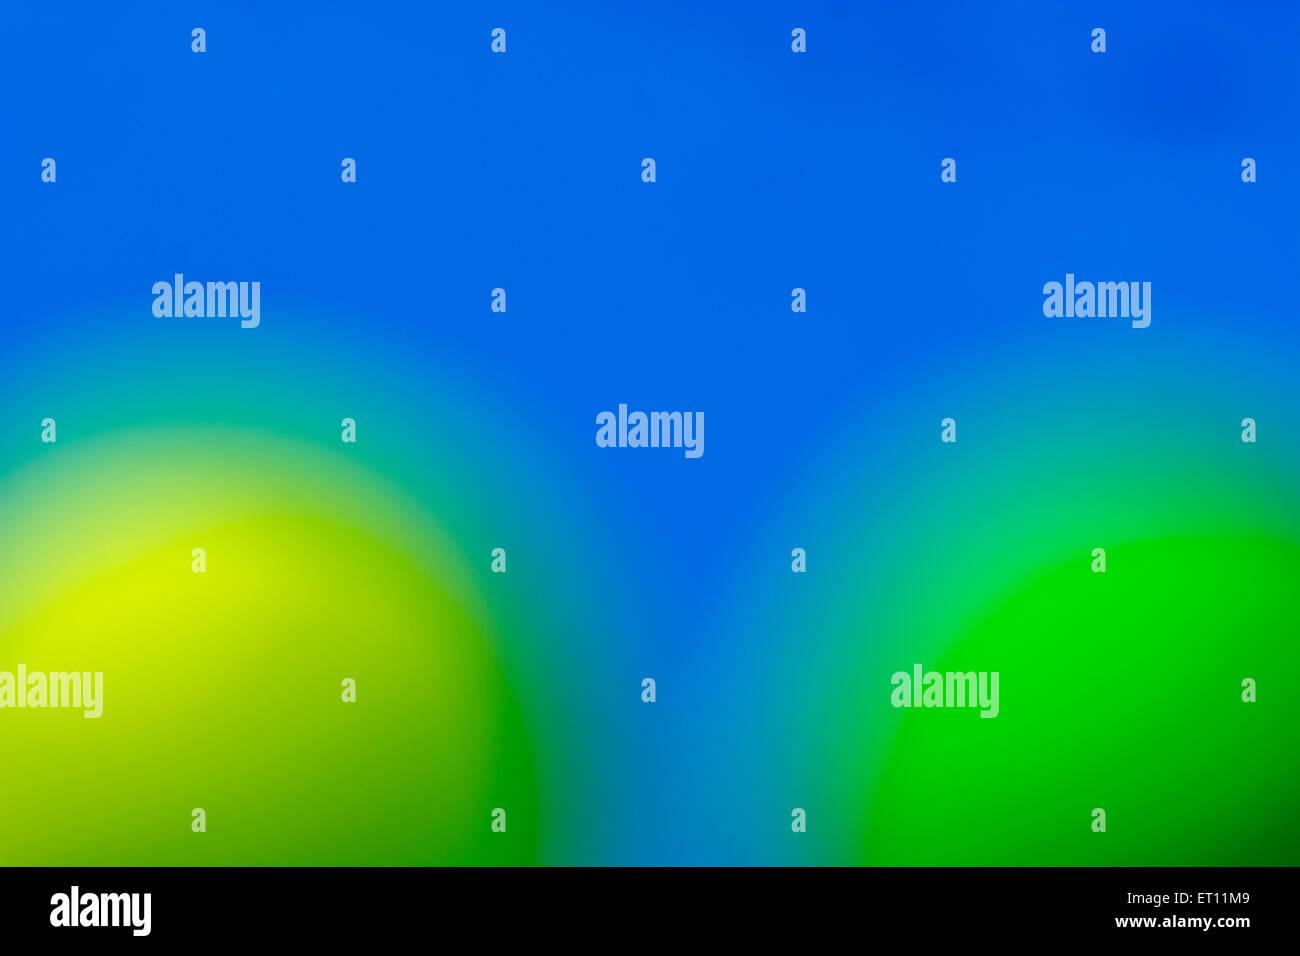 Abstract Fuori Fuoco Giallo E Verde Sfere Contro Sky Sfondo Blu